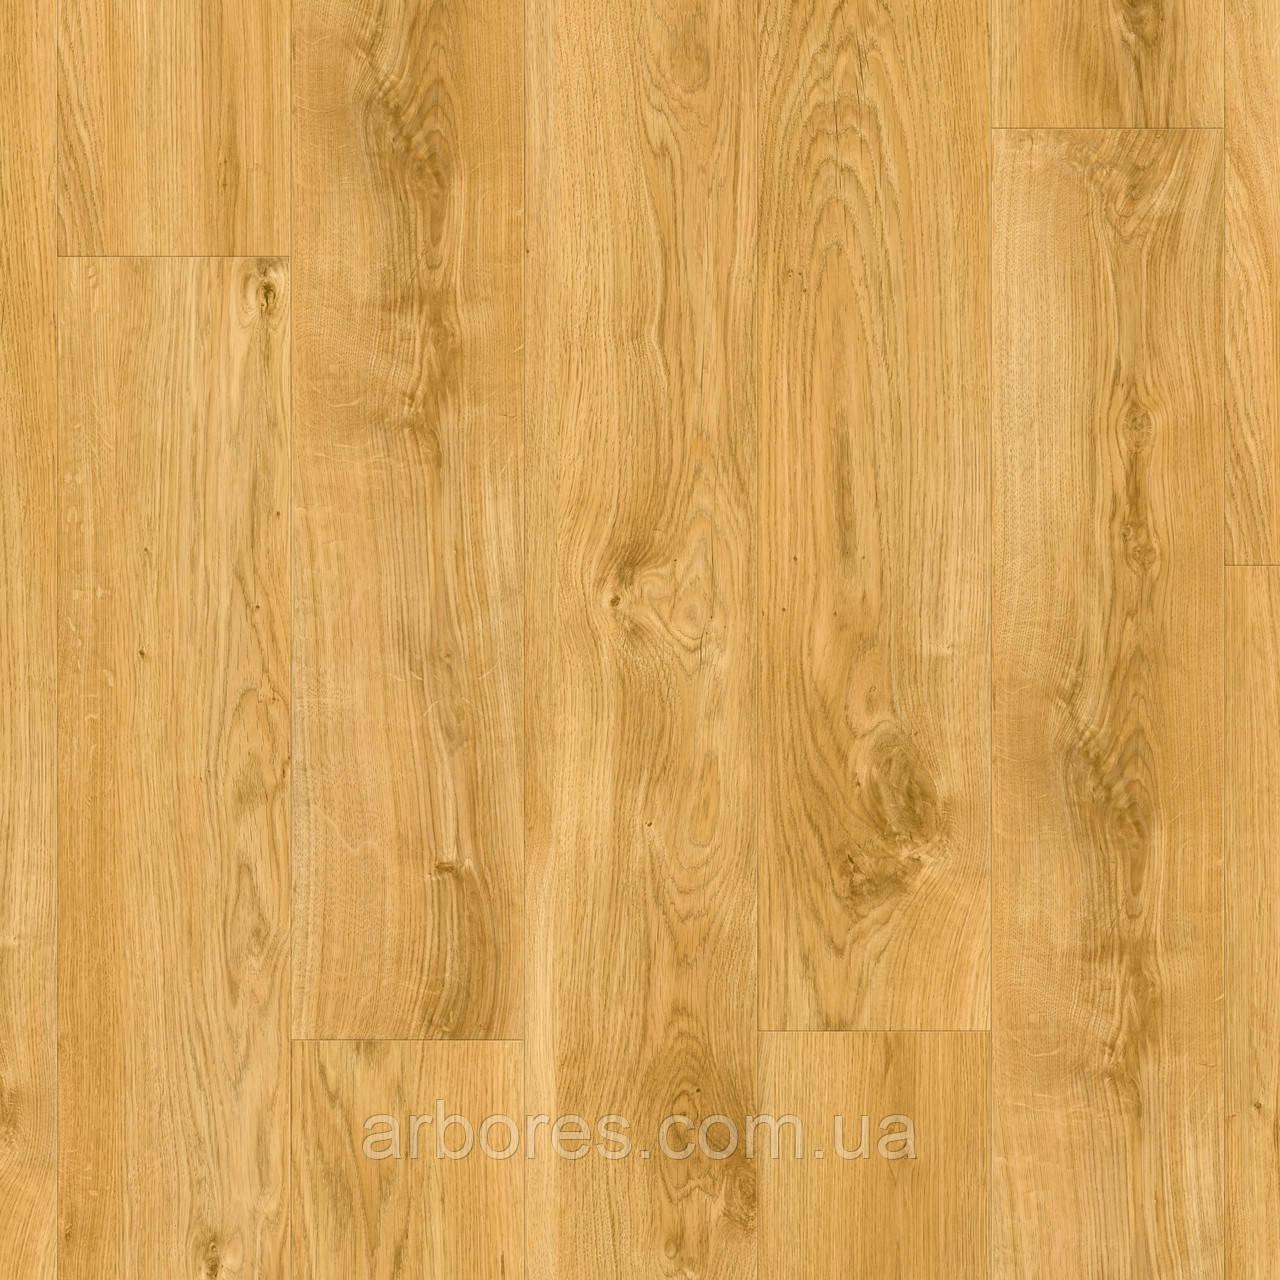 Виниловая плитка Quick-Step Livyn Balance Click+ BACP40023 Дуб классический натуральный